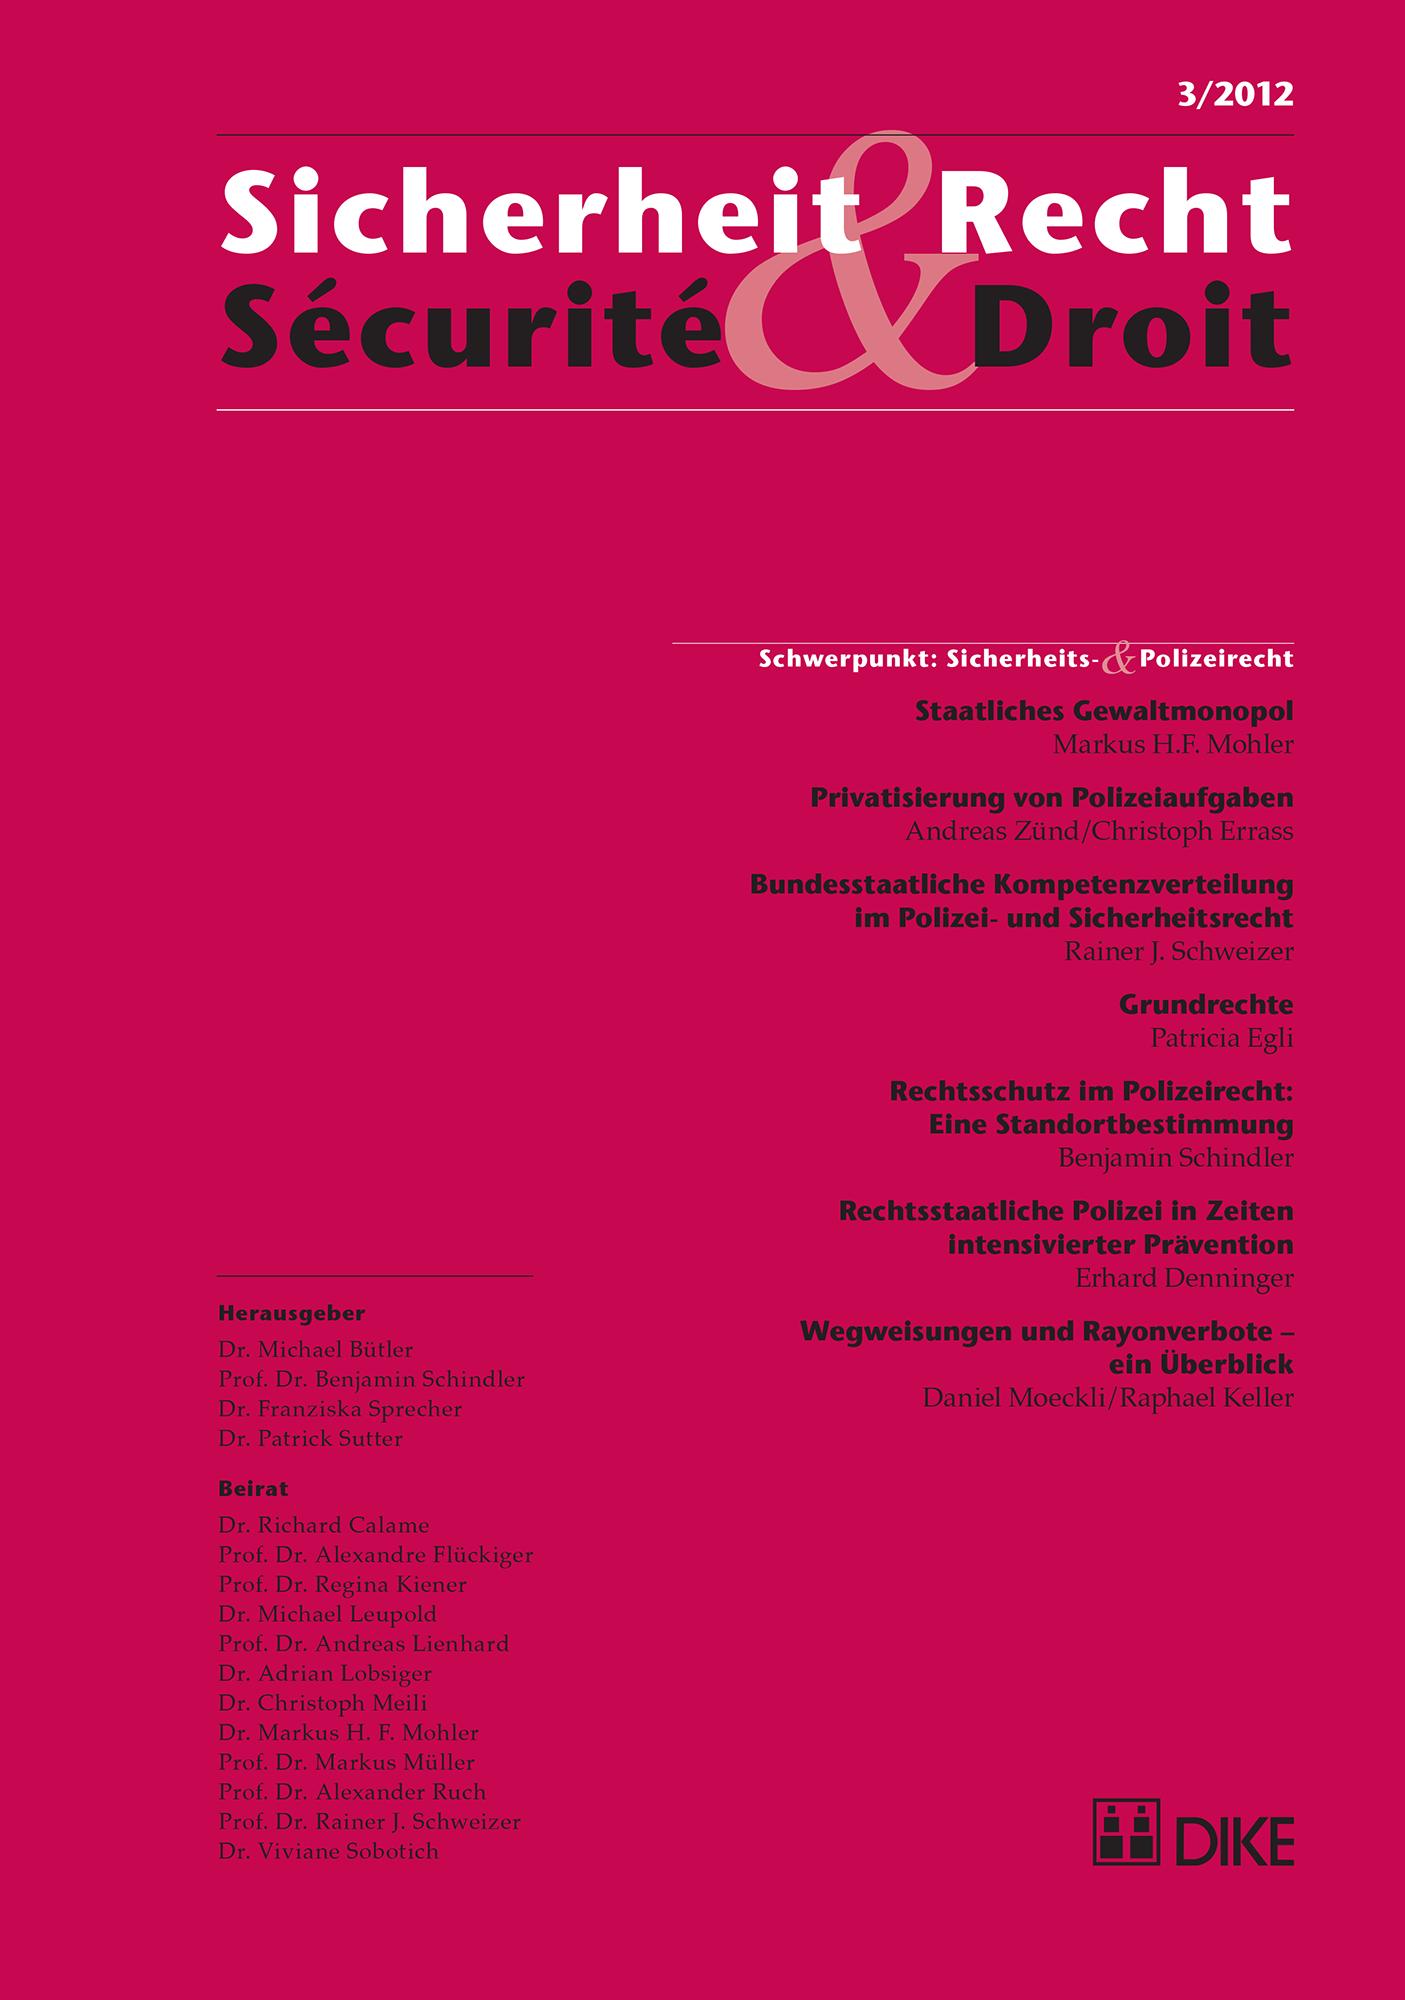 Sicherheit & Recht / Sécurité & Droit 03/2012